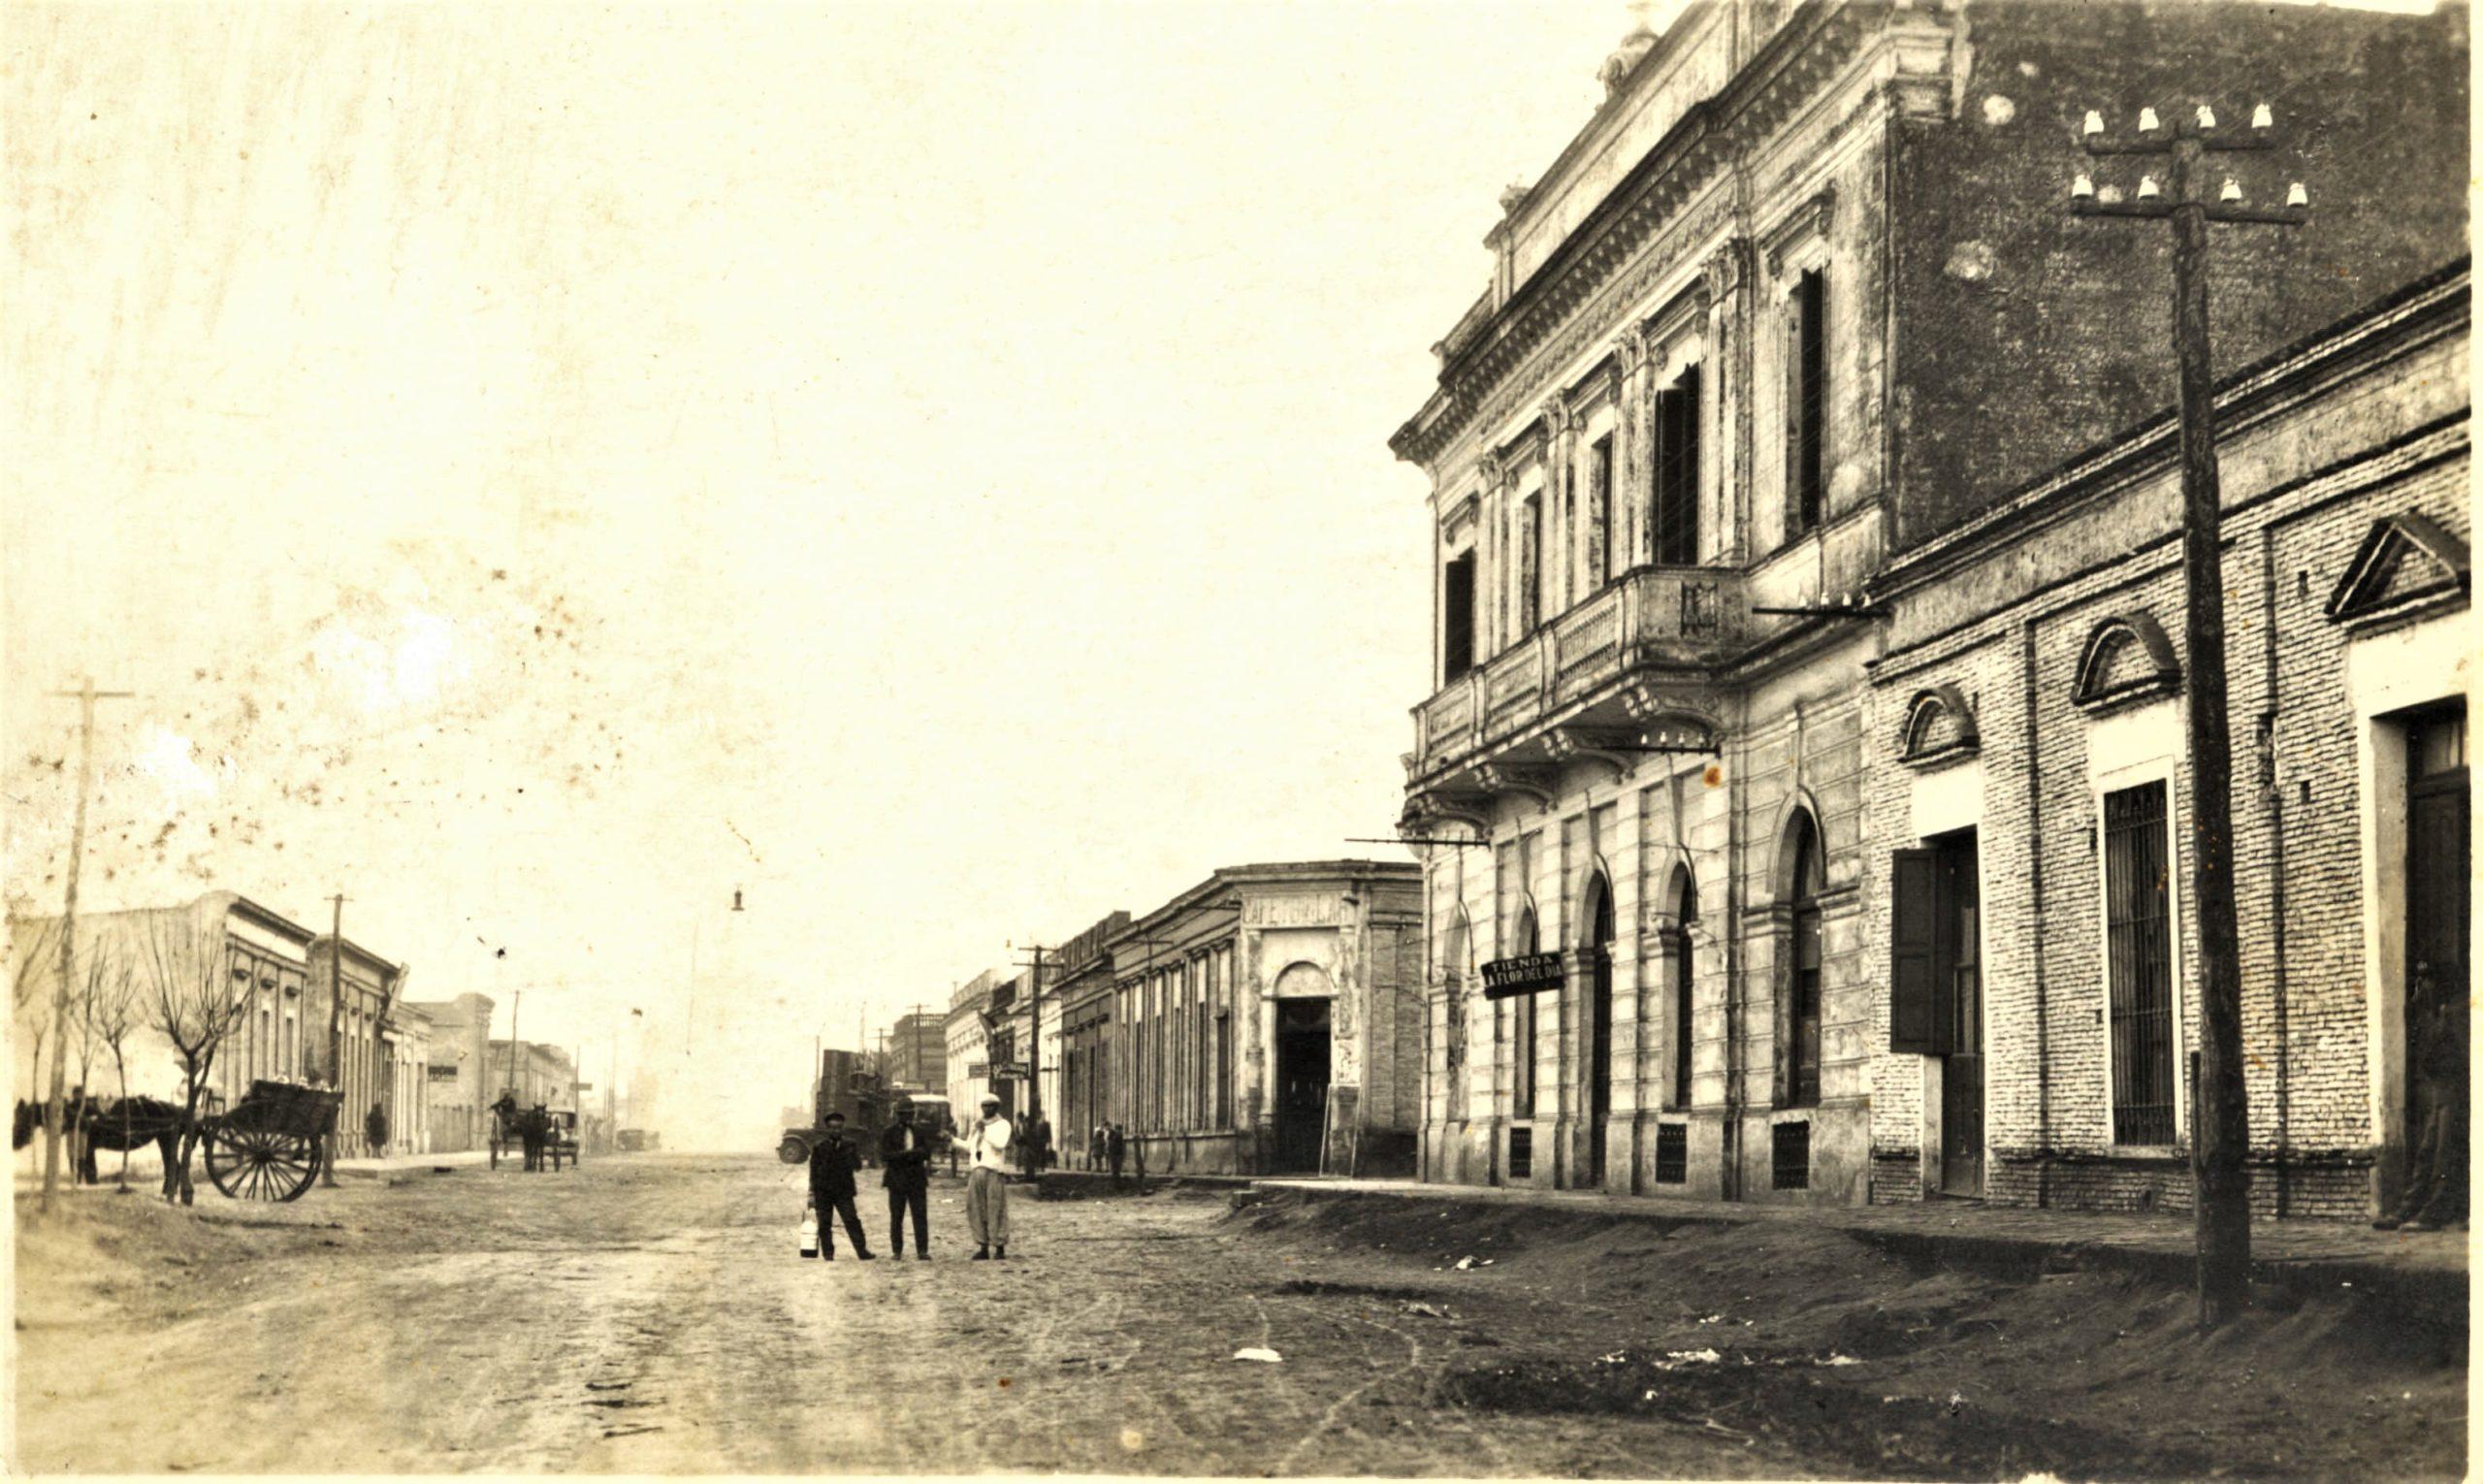 Av. Rivadavia y la calle que cruza es Italia.